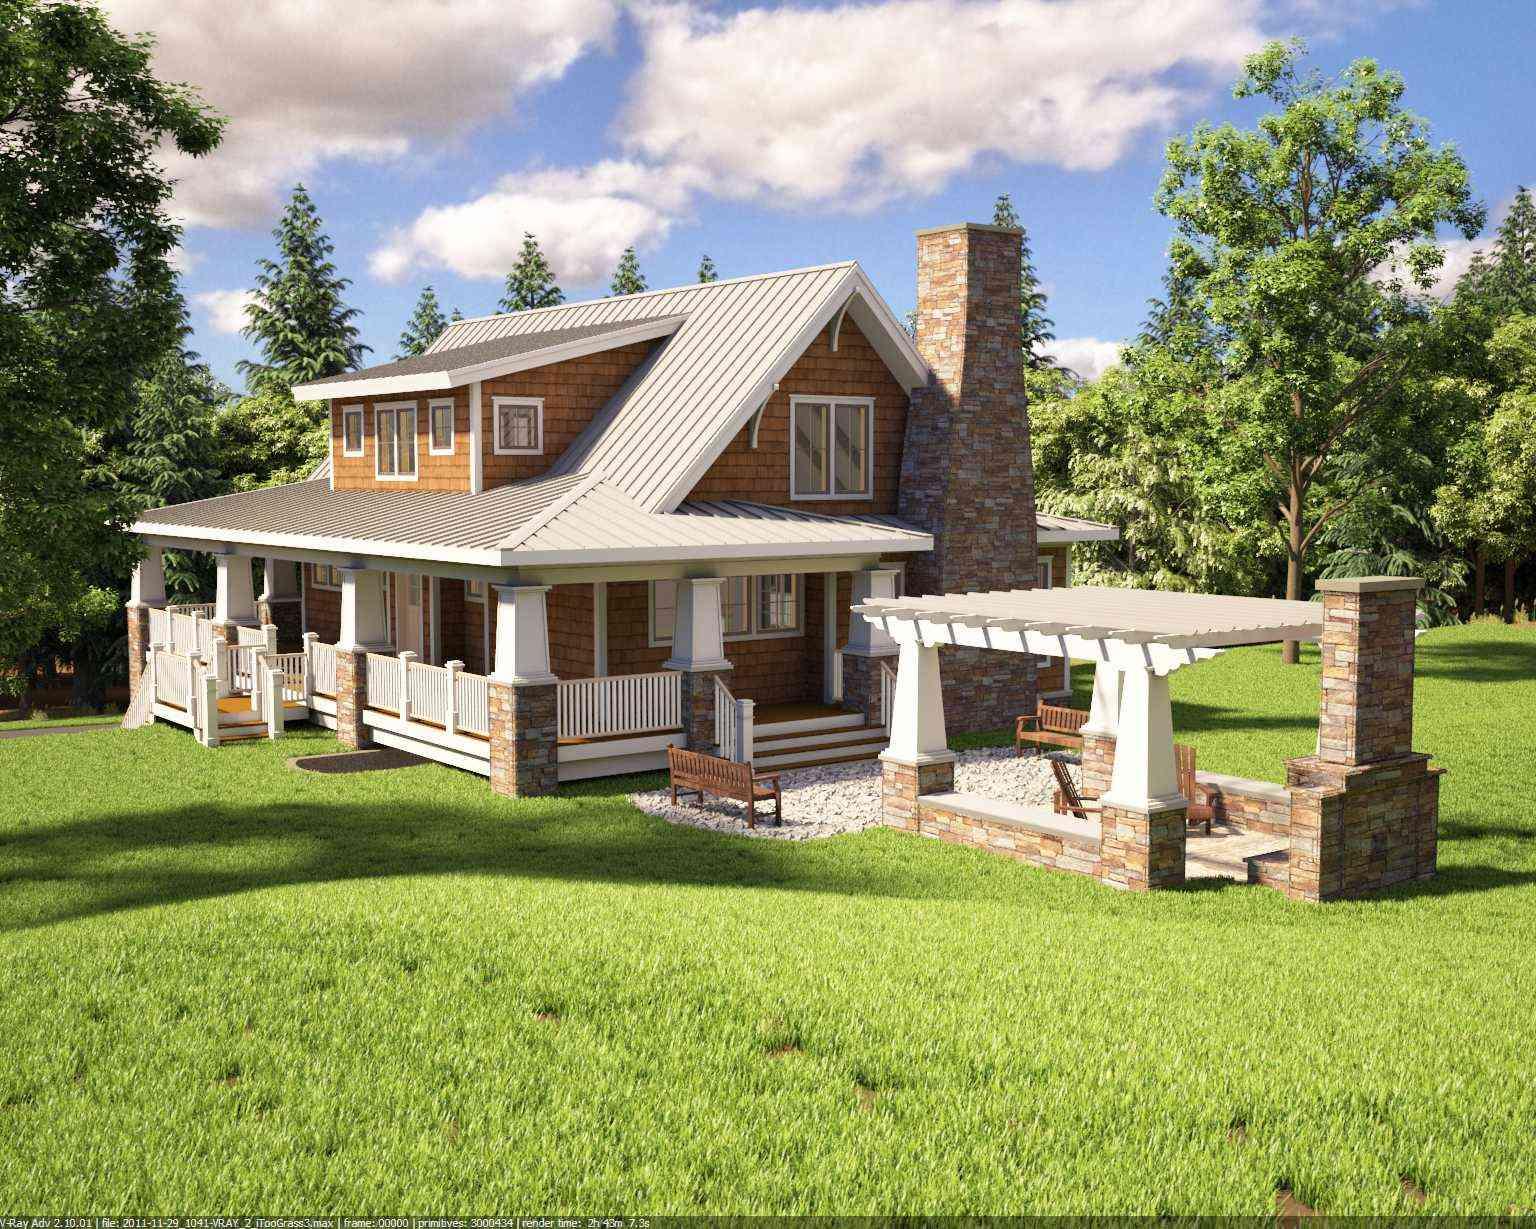 Adorable Cottage cape cod home plan